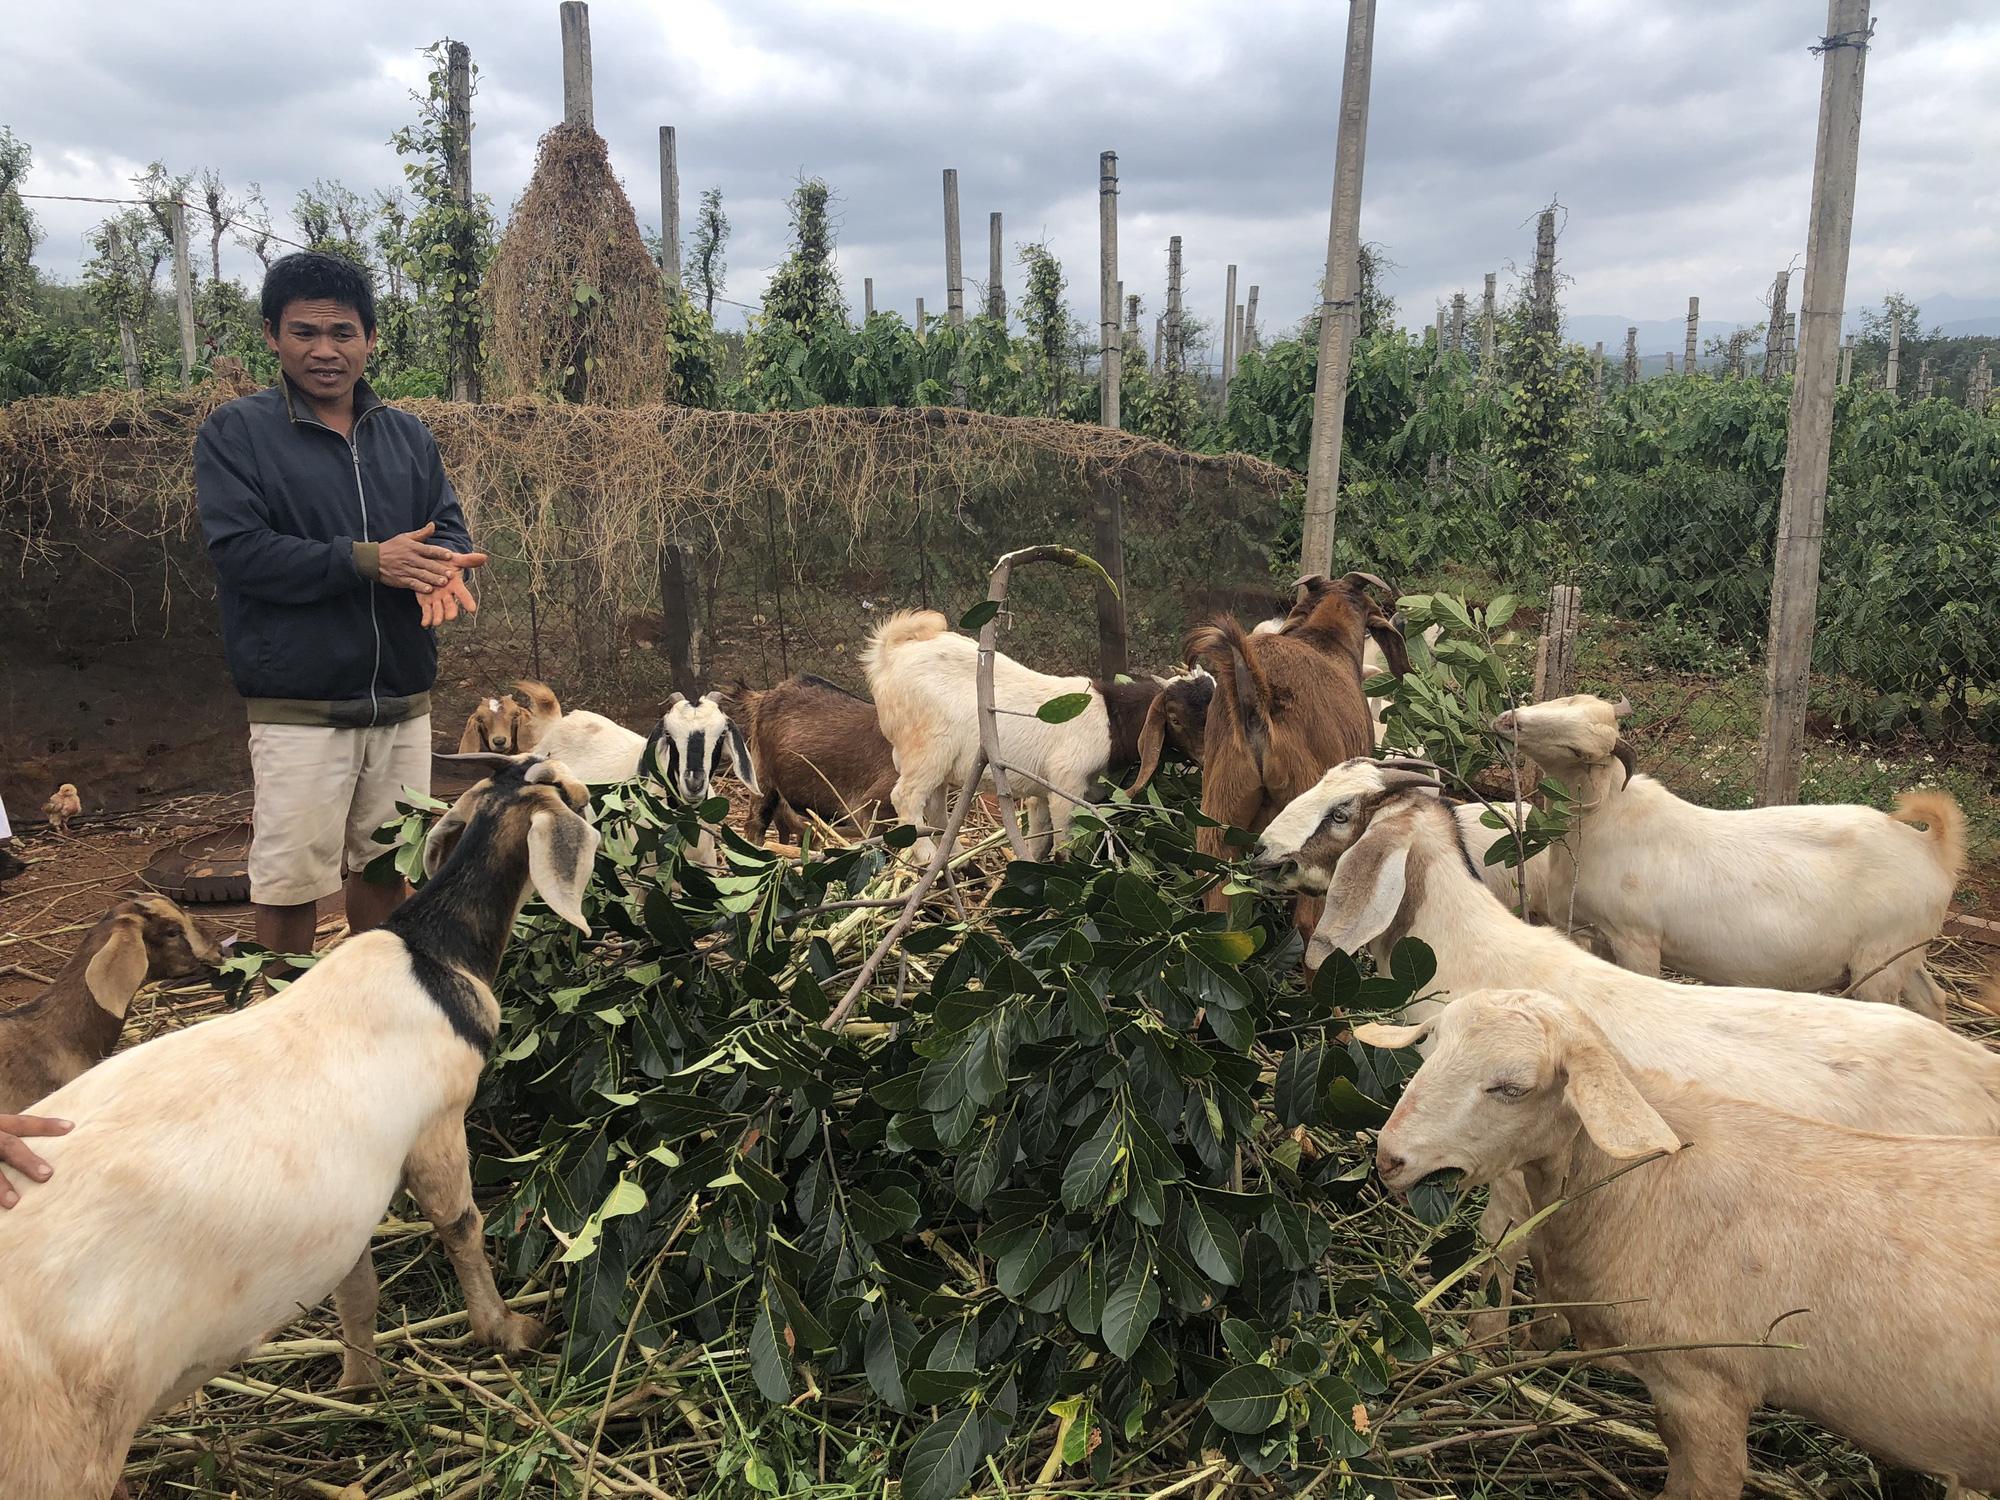 Lãi hàng trăm triệu đồng/năm vì nuôi dê Bo, nông dân bật mí kinh nghiệm - Ảnh 1.